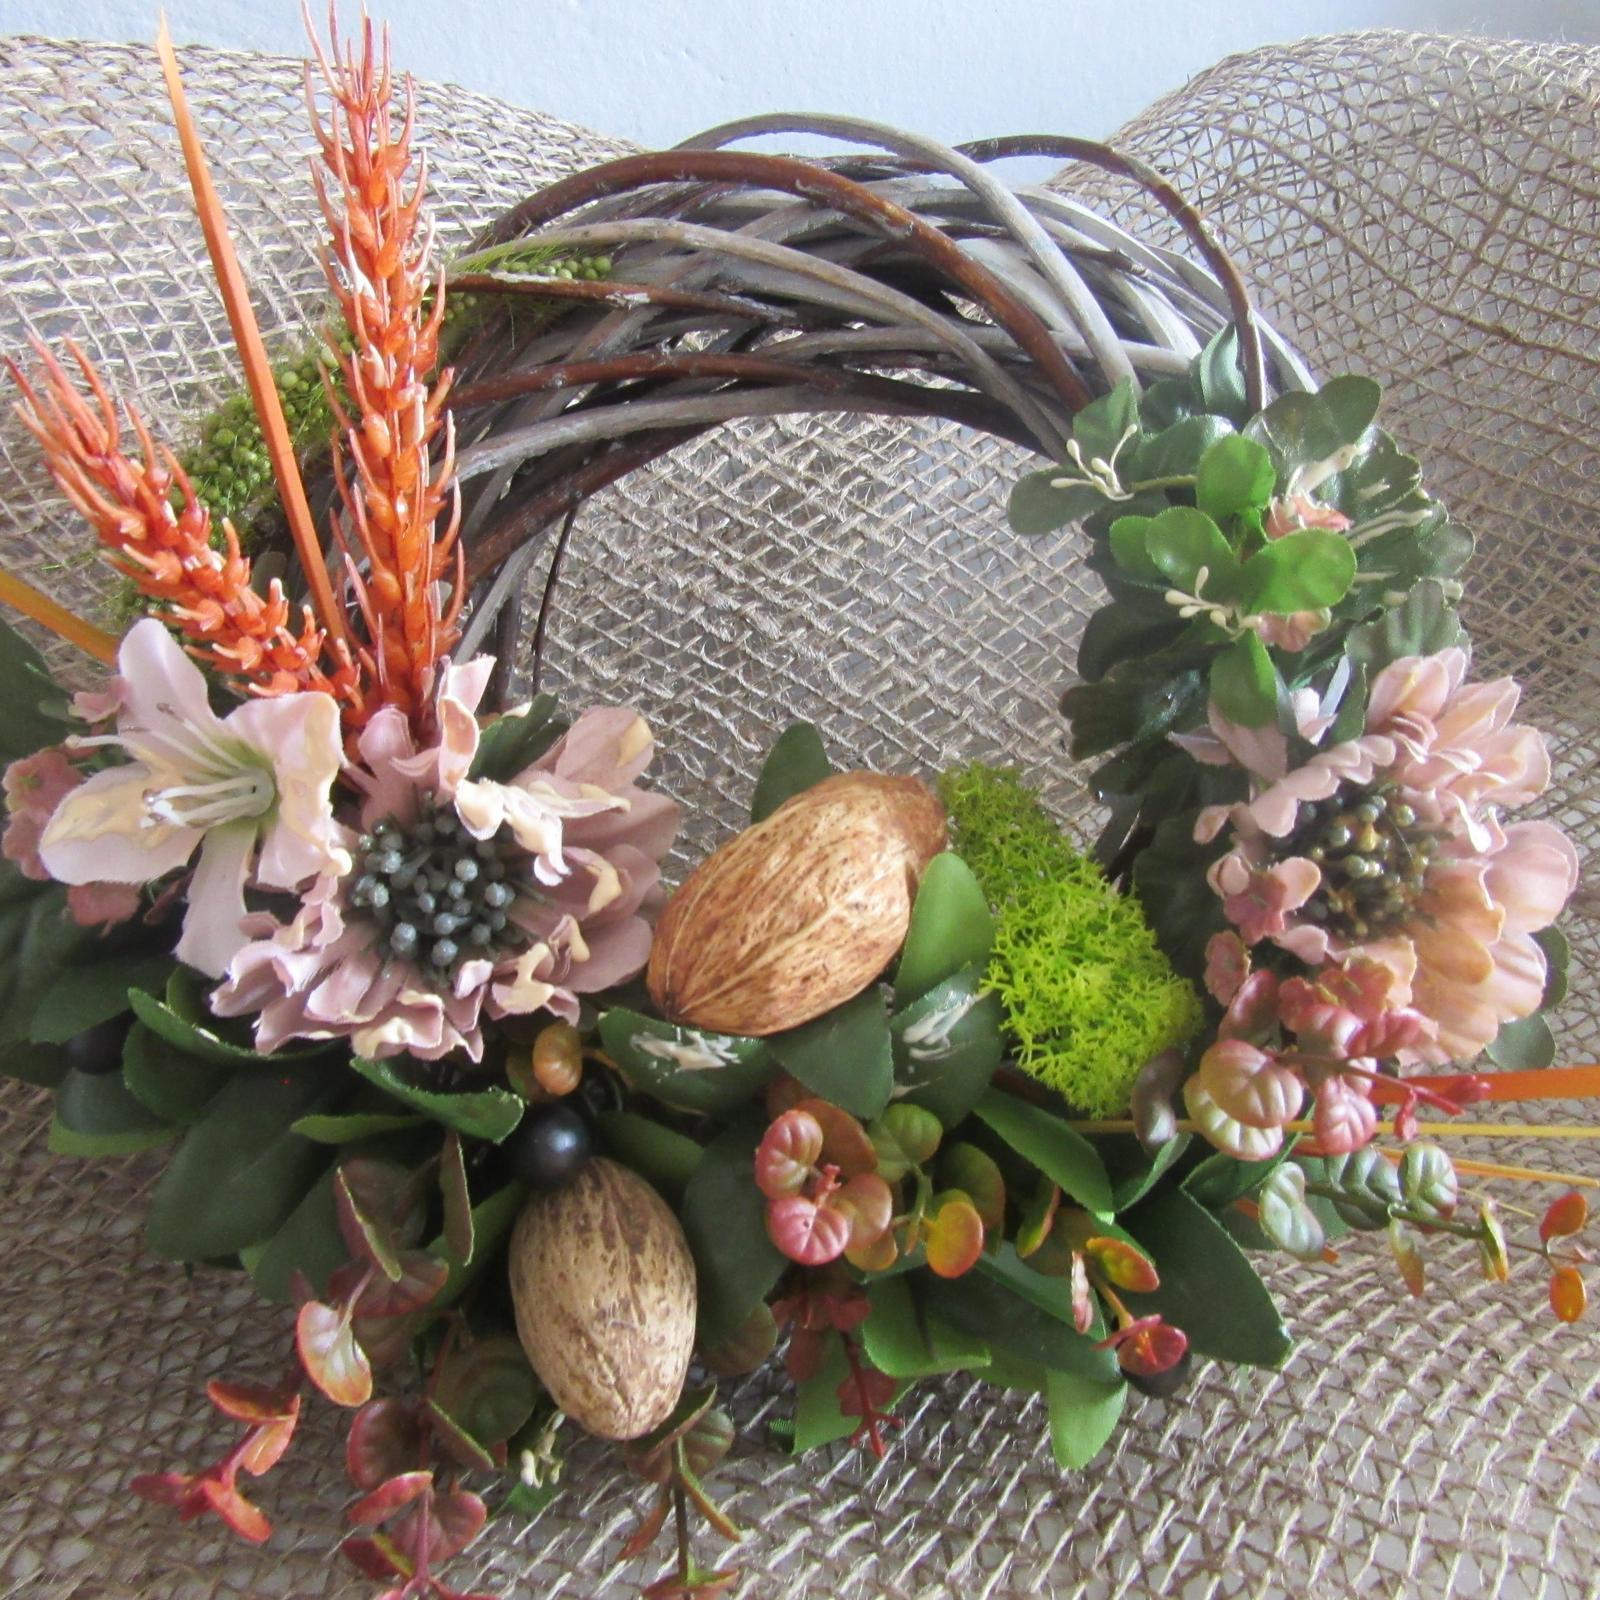 Podzim u nás - Letošní podzimní hotov....ještě dát na dveře